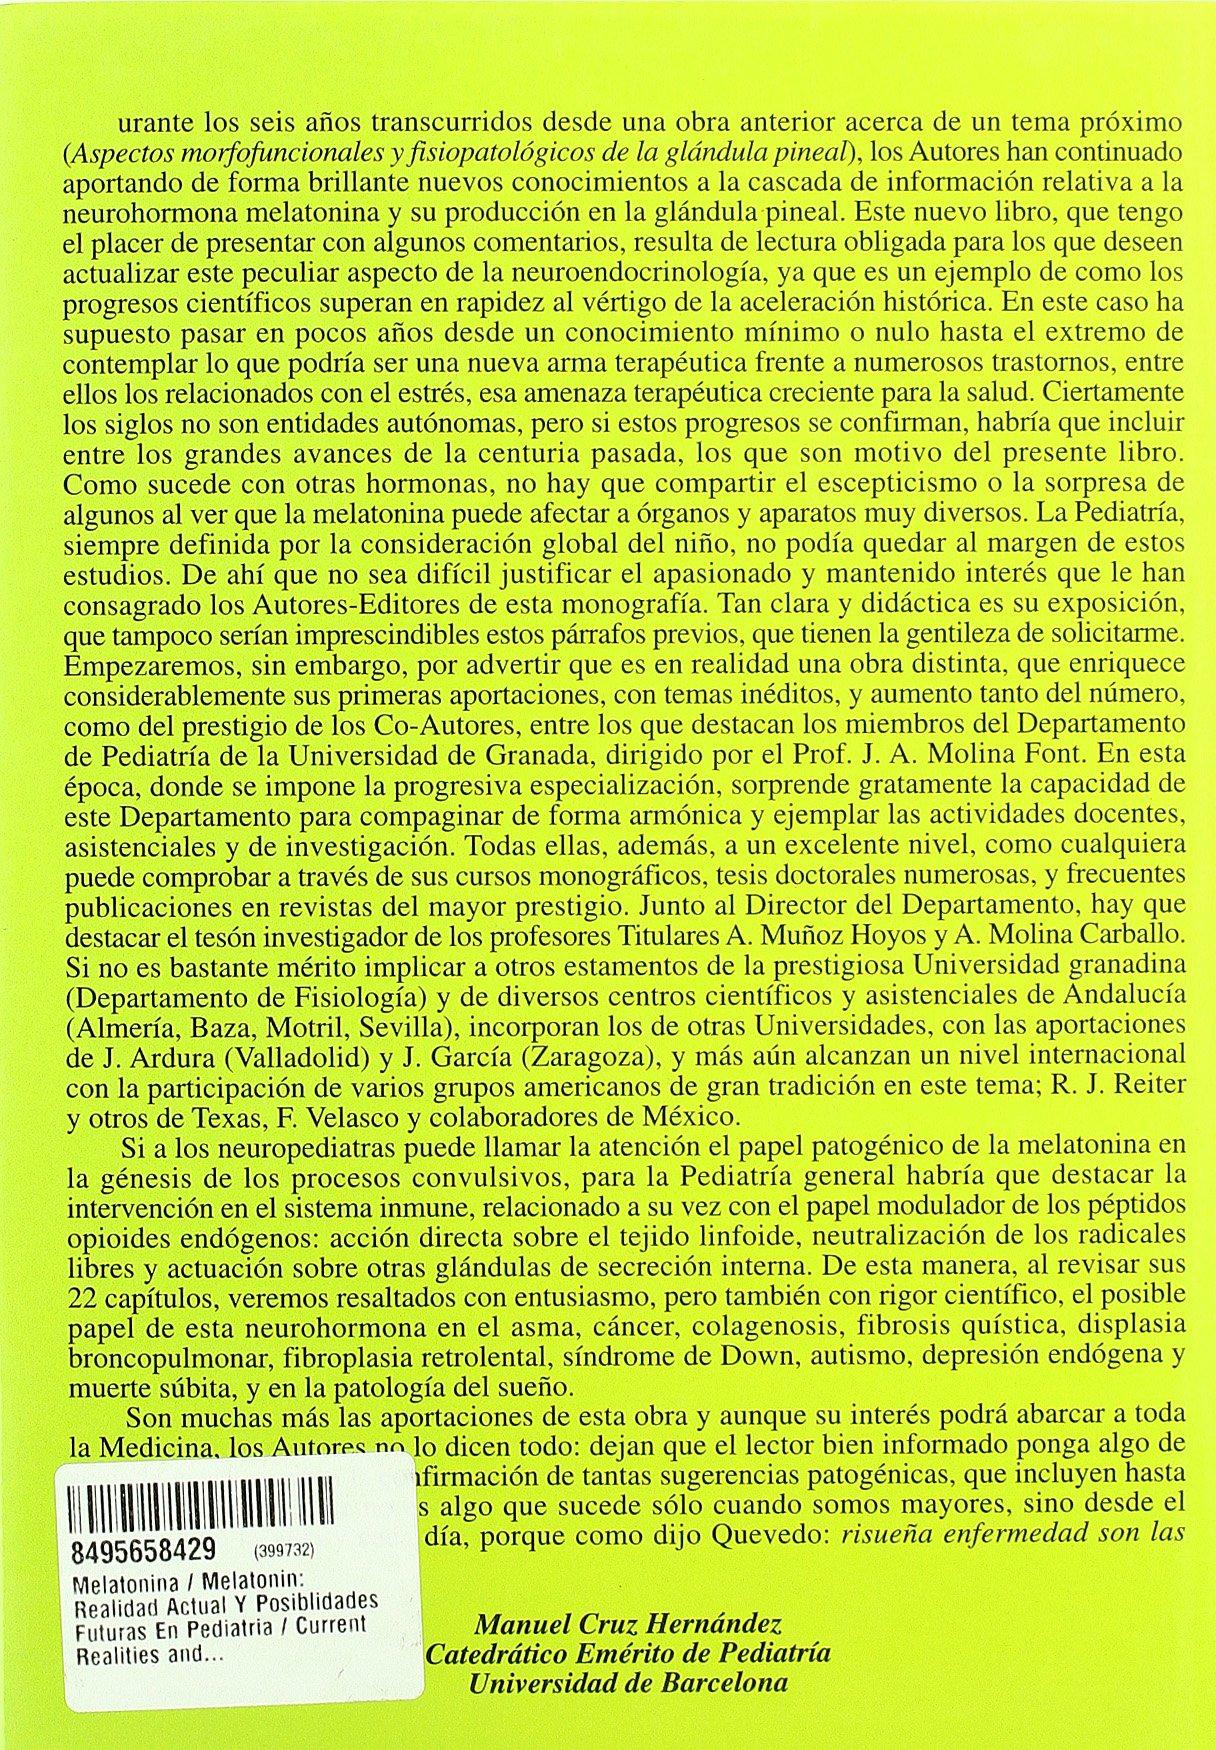 Melatonina / Melatonin: Realidad Actual Y Posiblidades Futuras En Pediatria / Current Realities and Future Possibilities in Pediatrics (Spanish Edition): ...